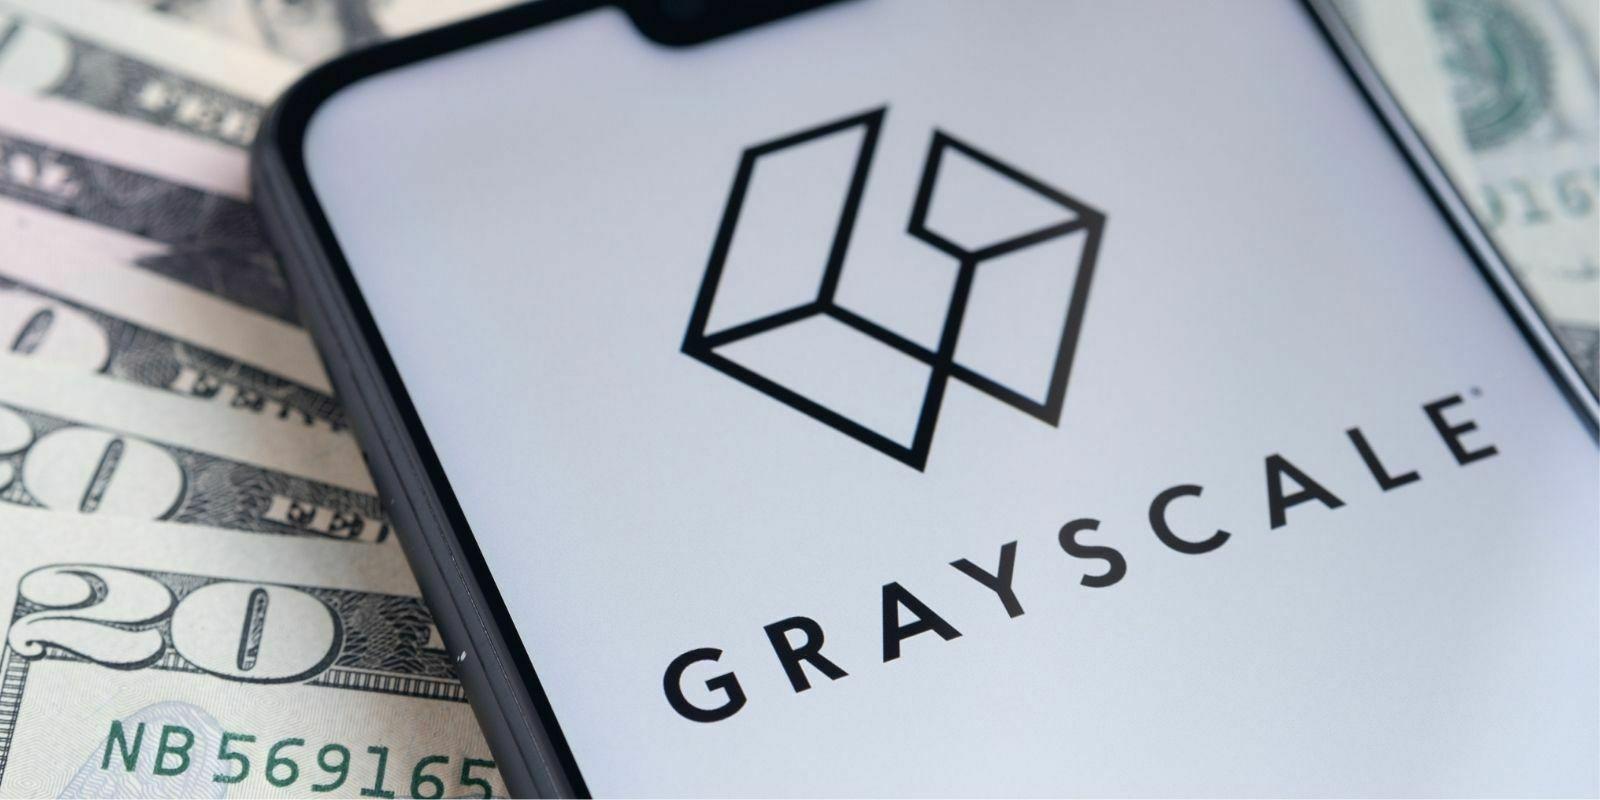 Grayscale confirme qu'il explore la création de nouveaux fonds pour 23 cryptomonnaies